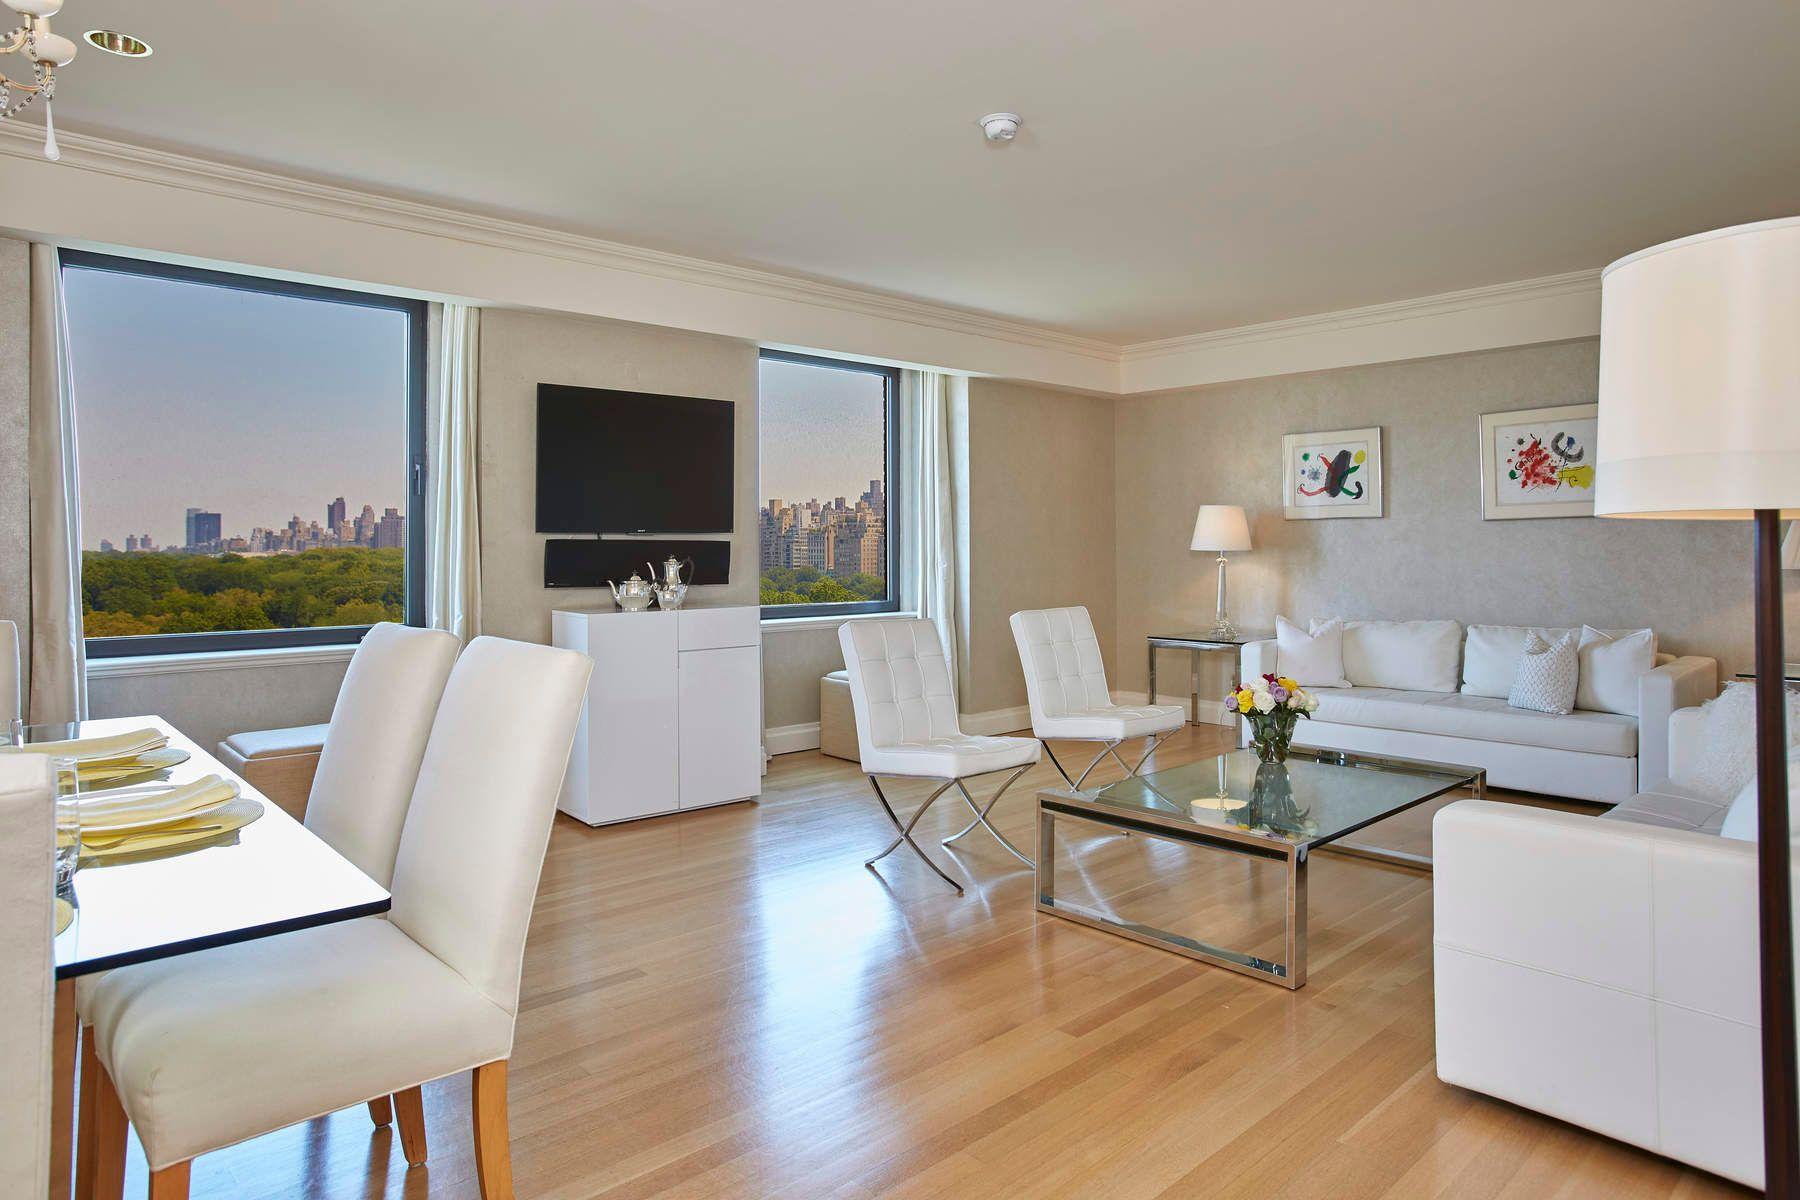 Кондоминиум для того Продажа на Gorgeous Home with Central Park Views 160 Central Park South Apt 1101/1162, Midtown West, New York, Нью-Йорк, 10019 Соединенные Штаты